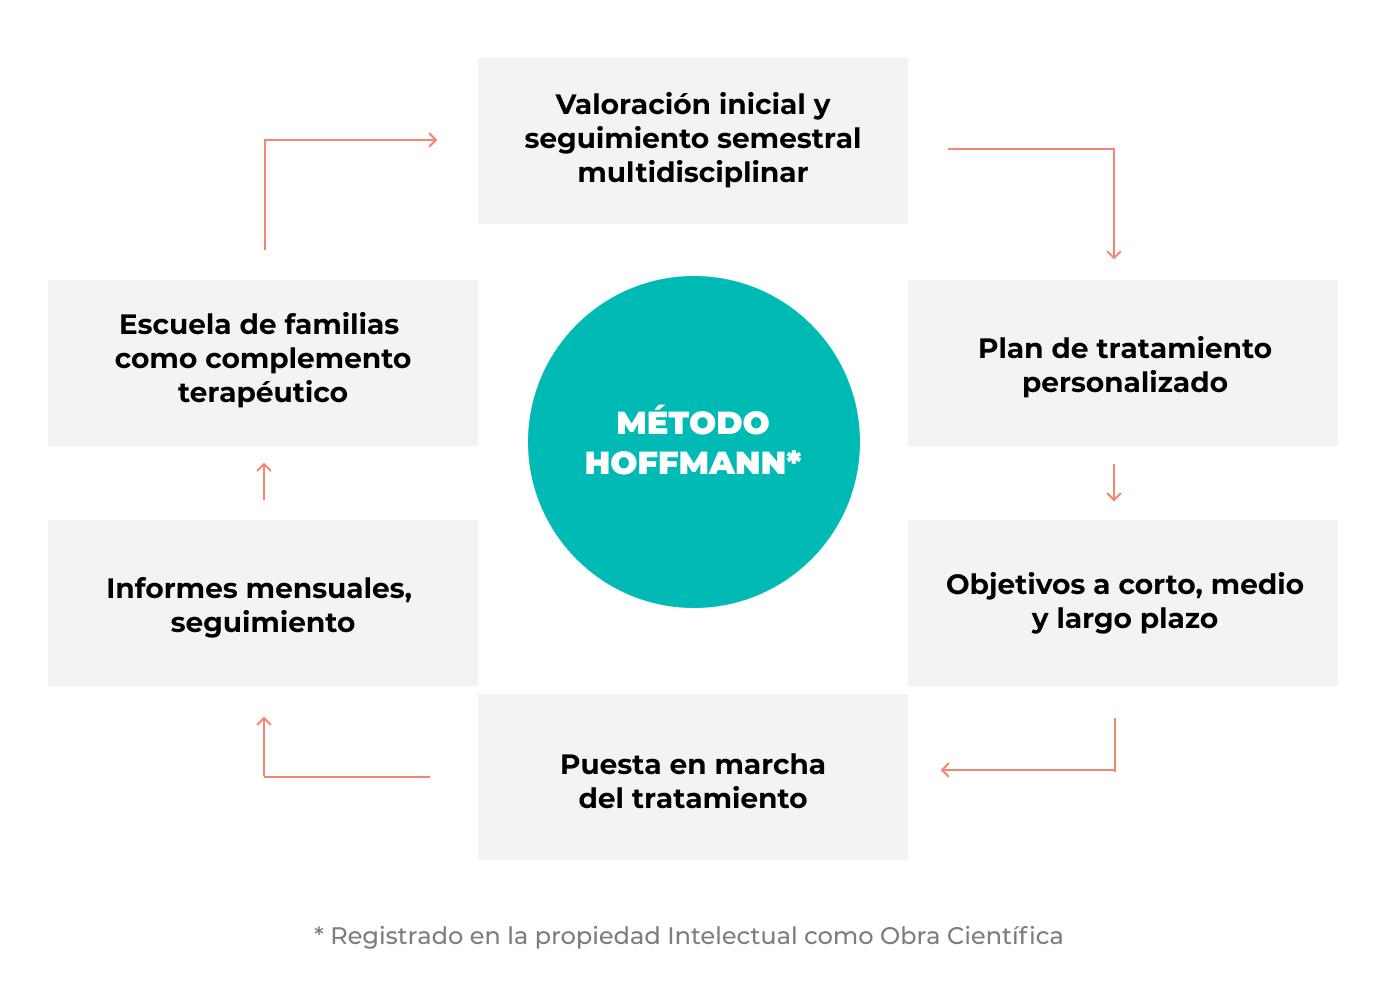 Metodo hoffmann (1)